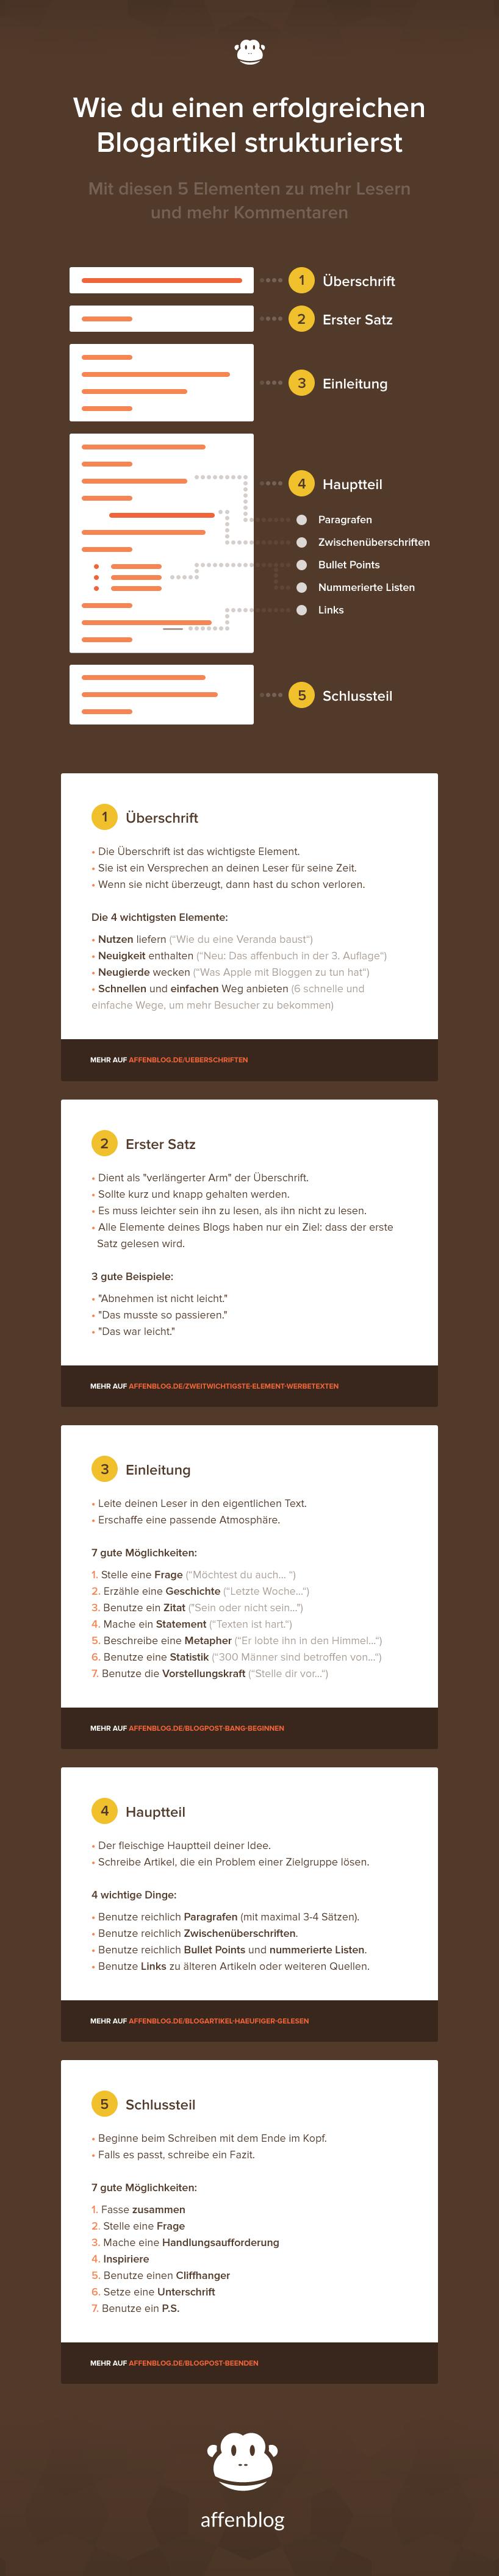 blogartikel-strukturieren-infografik